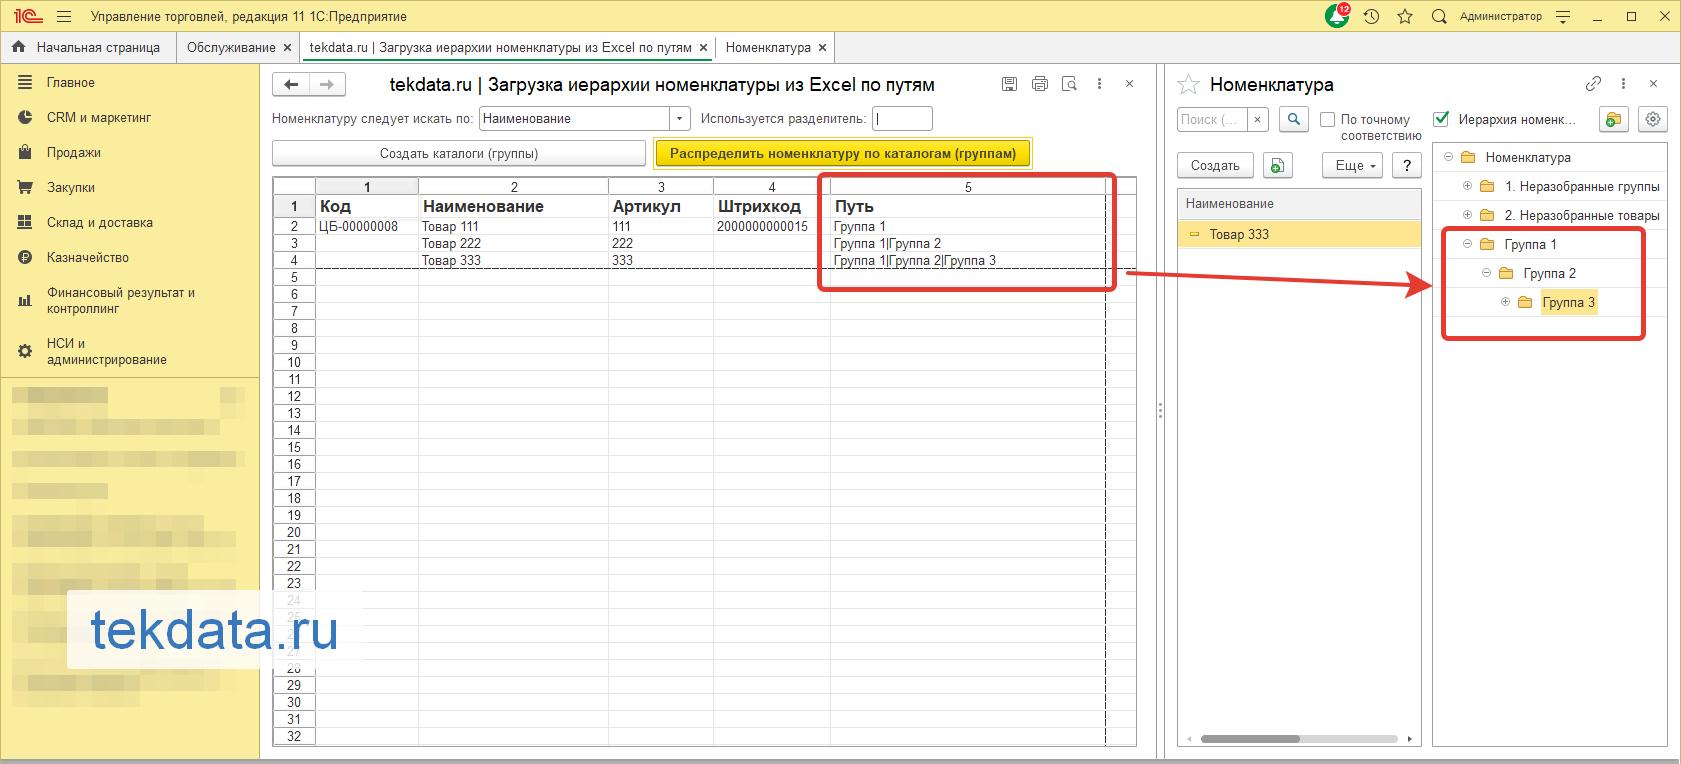 Загрузка иерархии номенклатуры из Excel по путям для 1С:УТ 11.4